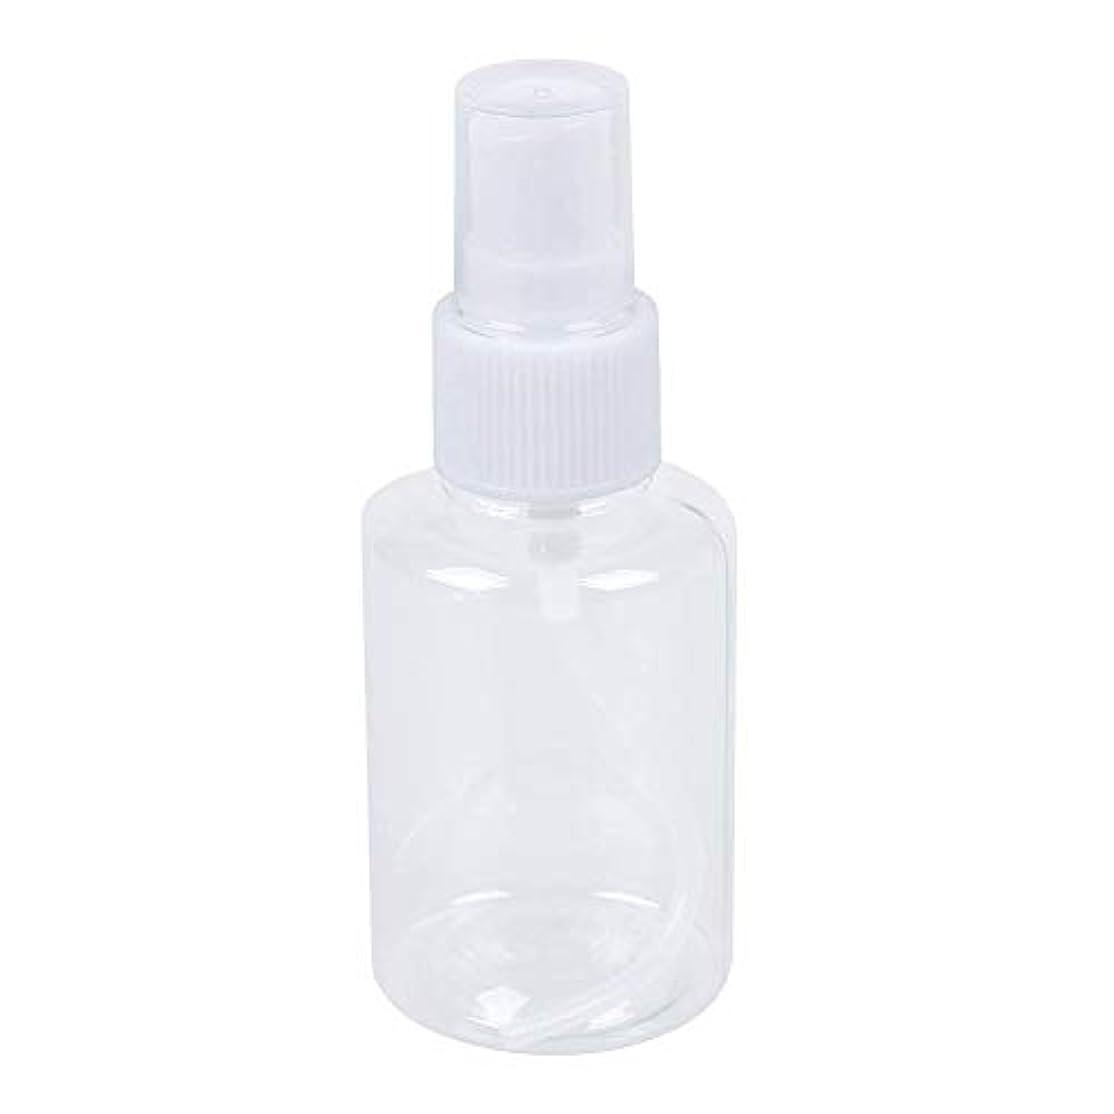 五十湾干渉する二つのスプレーボトルは、ポータブル50ML細かいミストスプレーボトル空の化粧品エアレススプレーボトルクリアインフレータブル旅行用バッグ、化粧品スキンローション香水旅行します